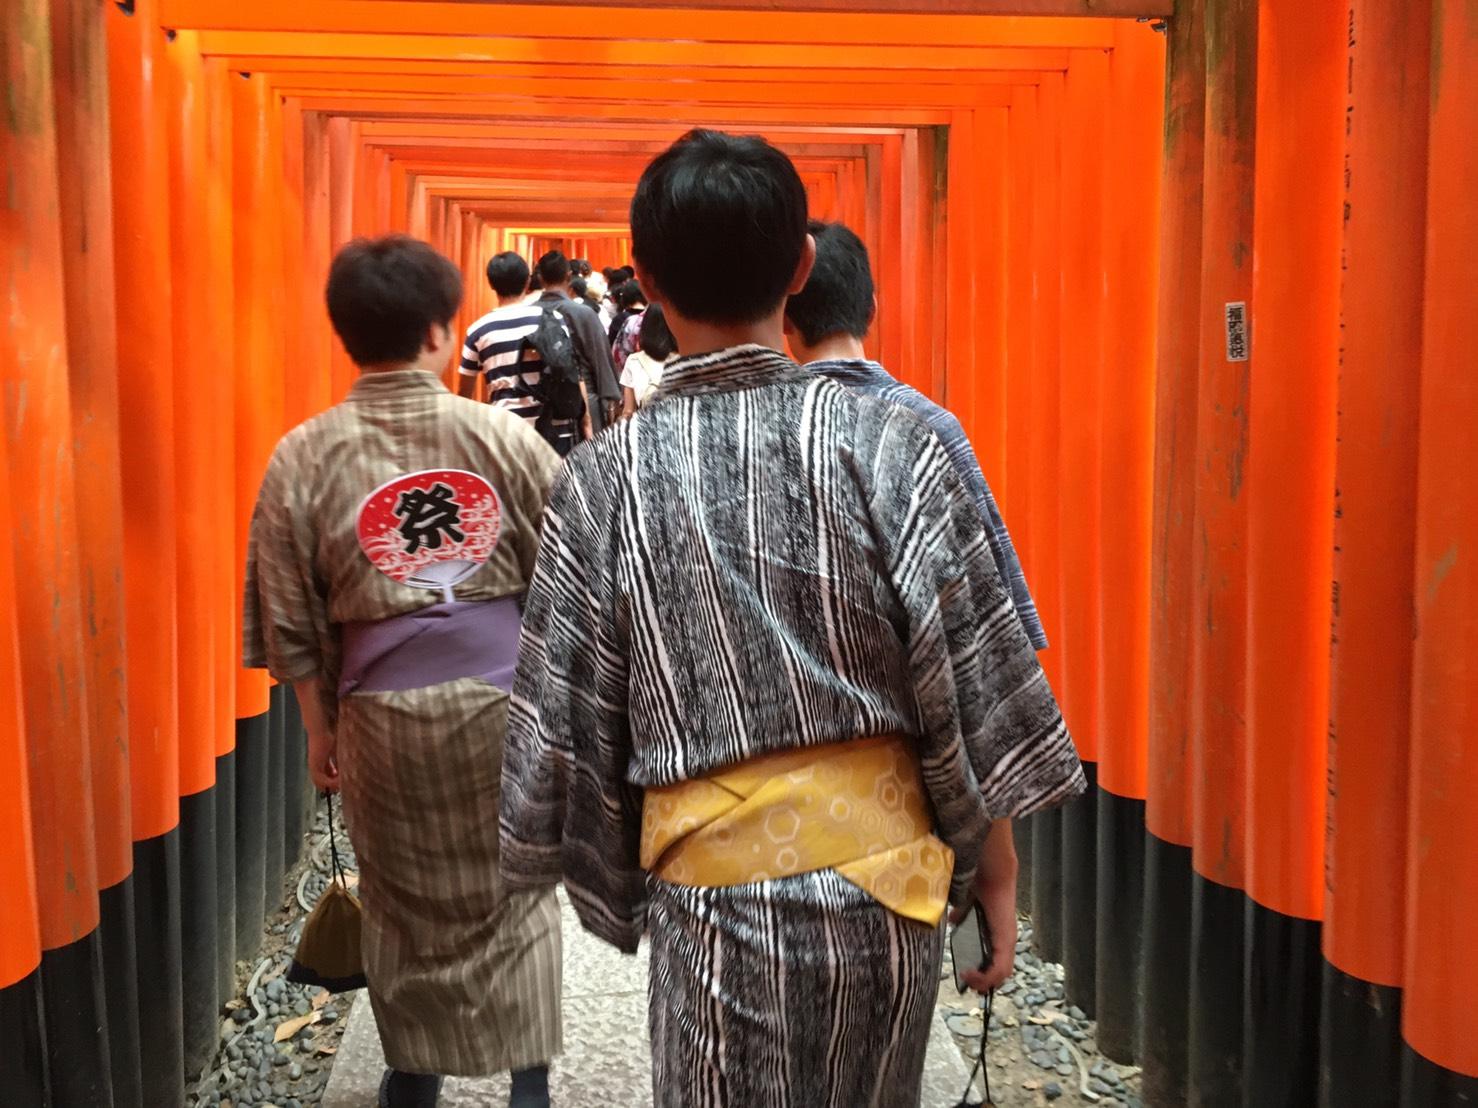 夏休みに京都で浴衣レンタル♪2019年8月12日7